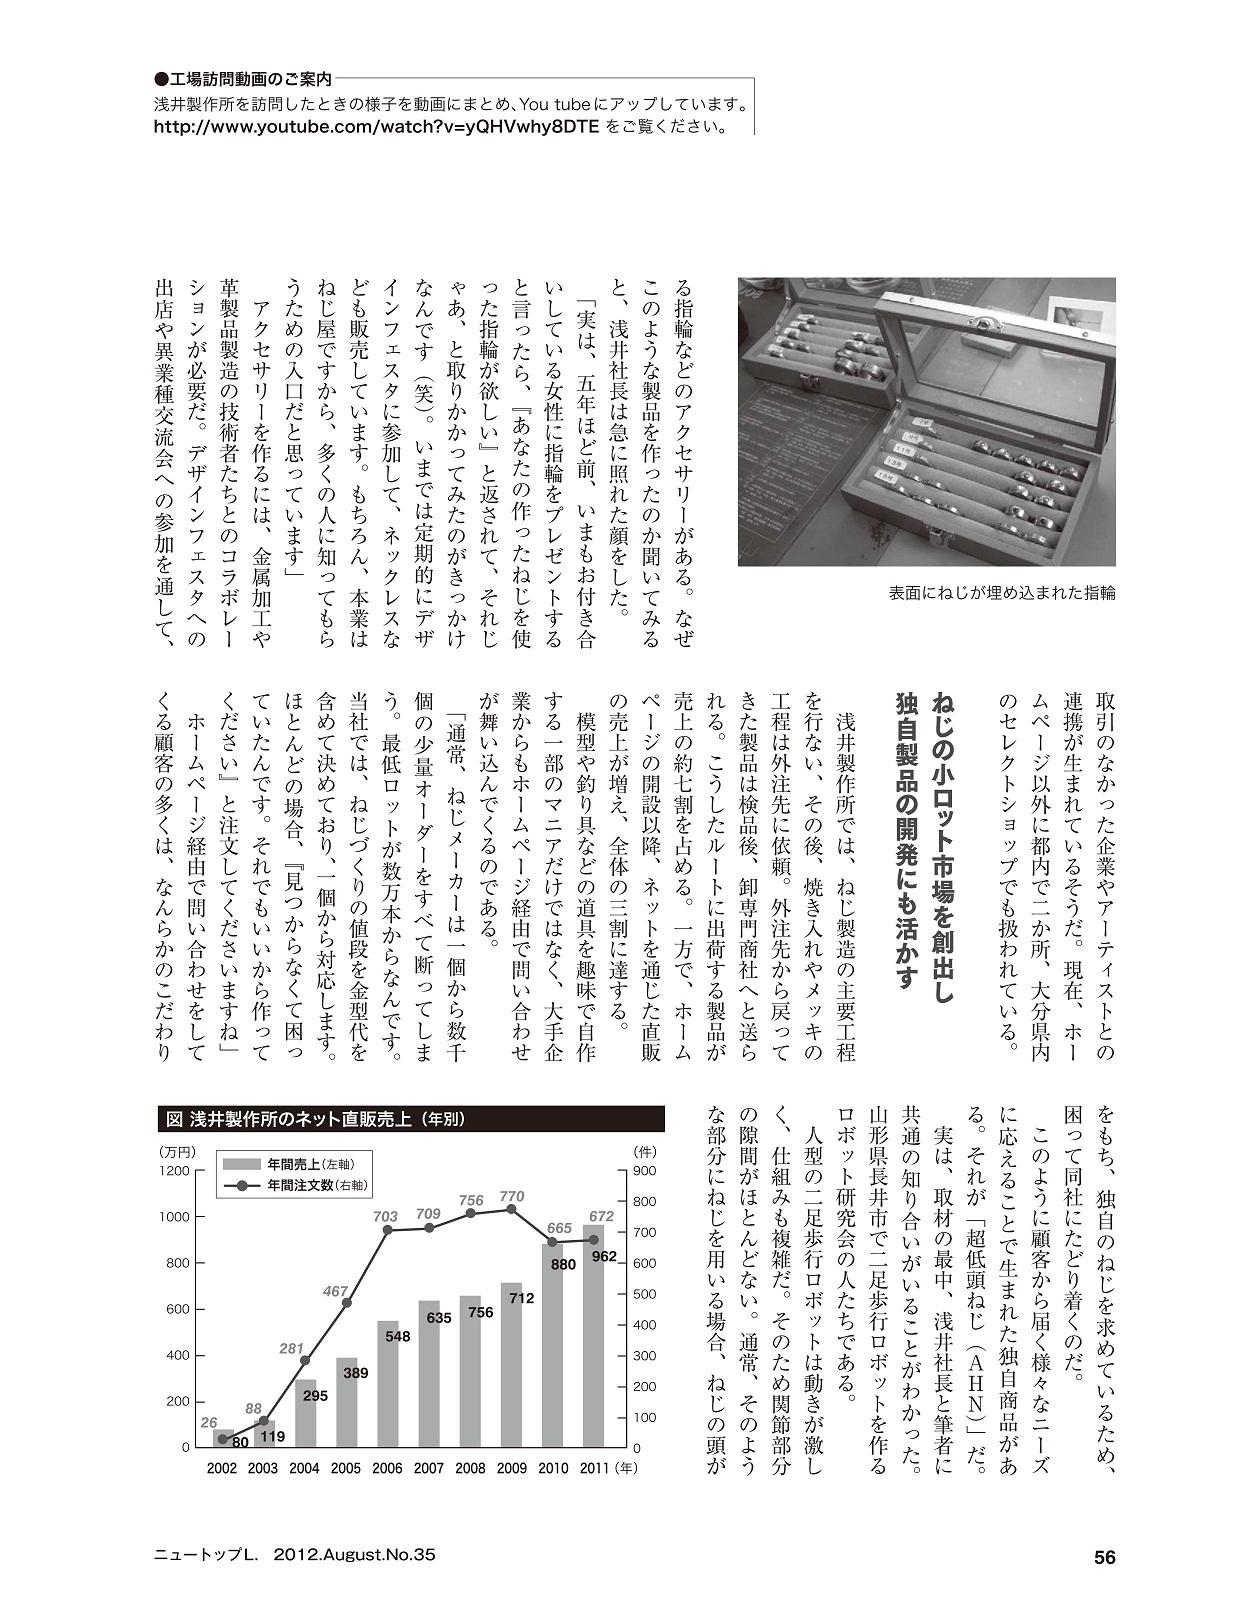 雑誌掲載情報の続き_e0061778_2133571.jpg